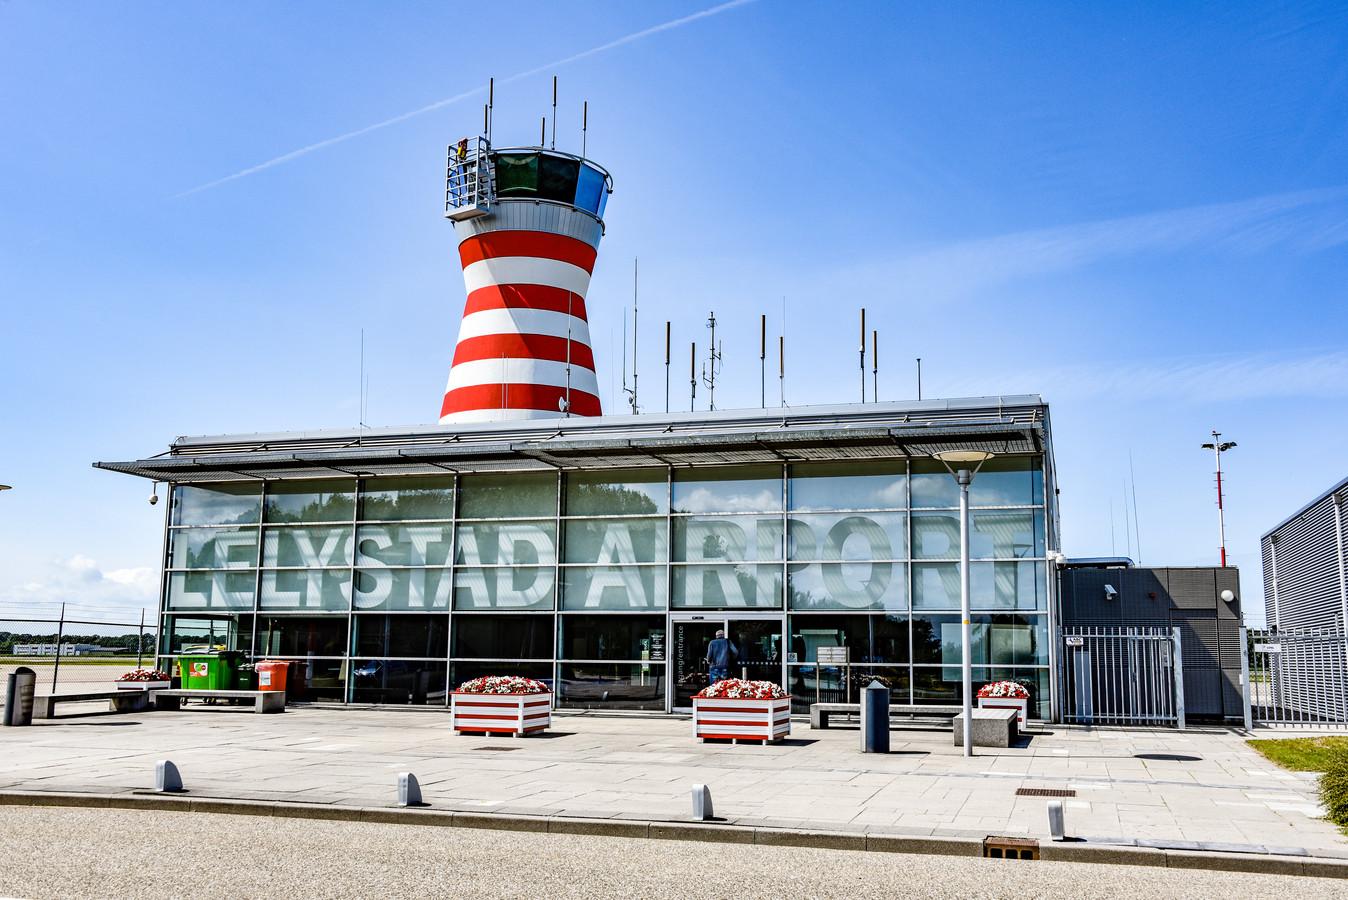 Door de stikstofuitspraak van de Raad van State kan de ingebruikname van Lelystad Airport mogelijk niet doorgaan